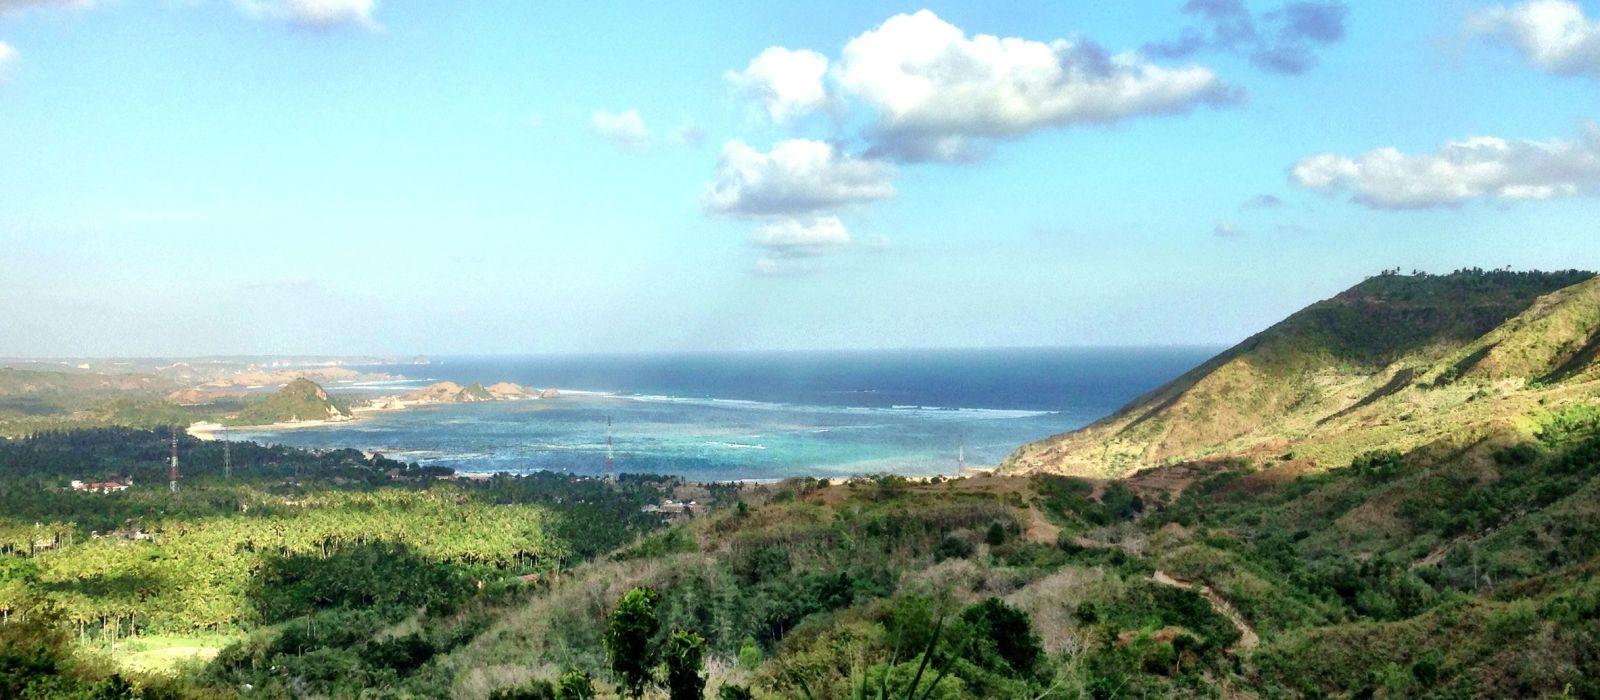 Indonesien: Von Insel zu Insel & Bali Urlaub 4